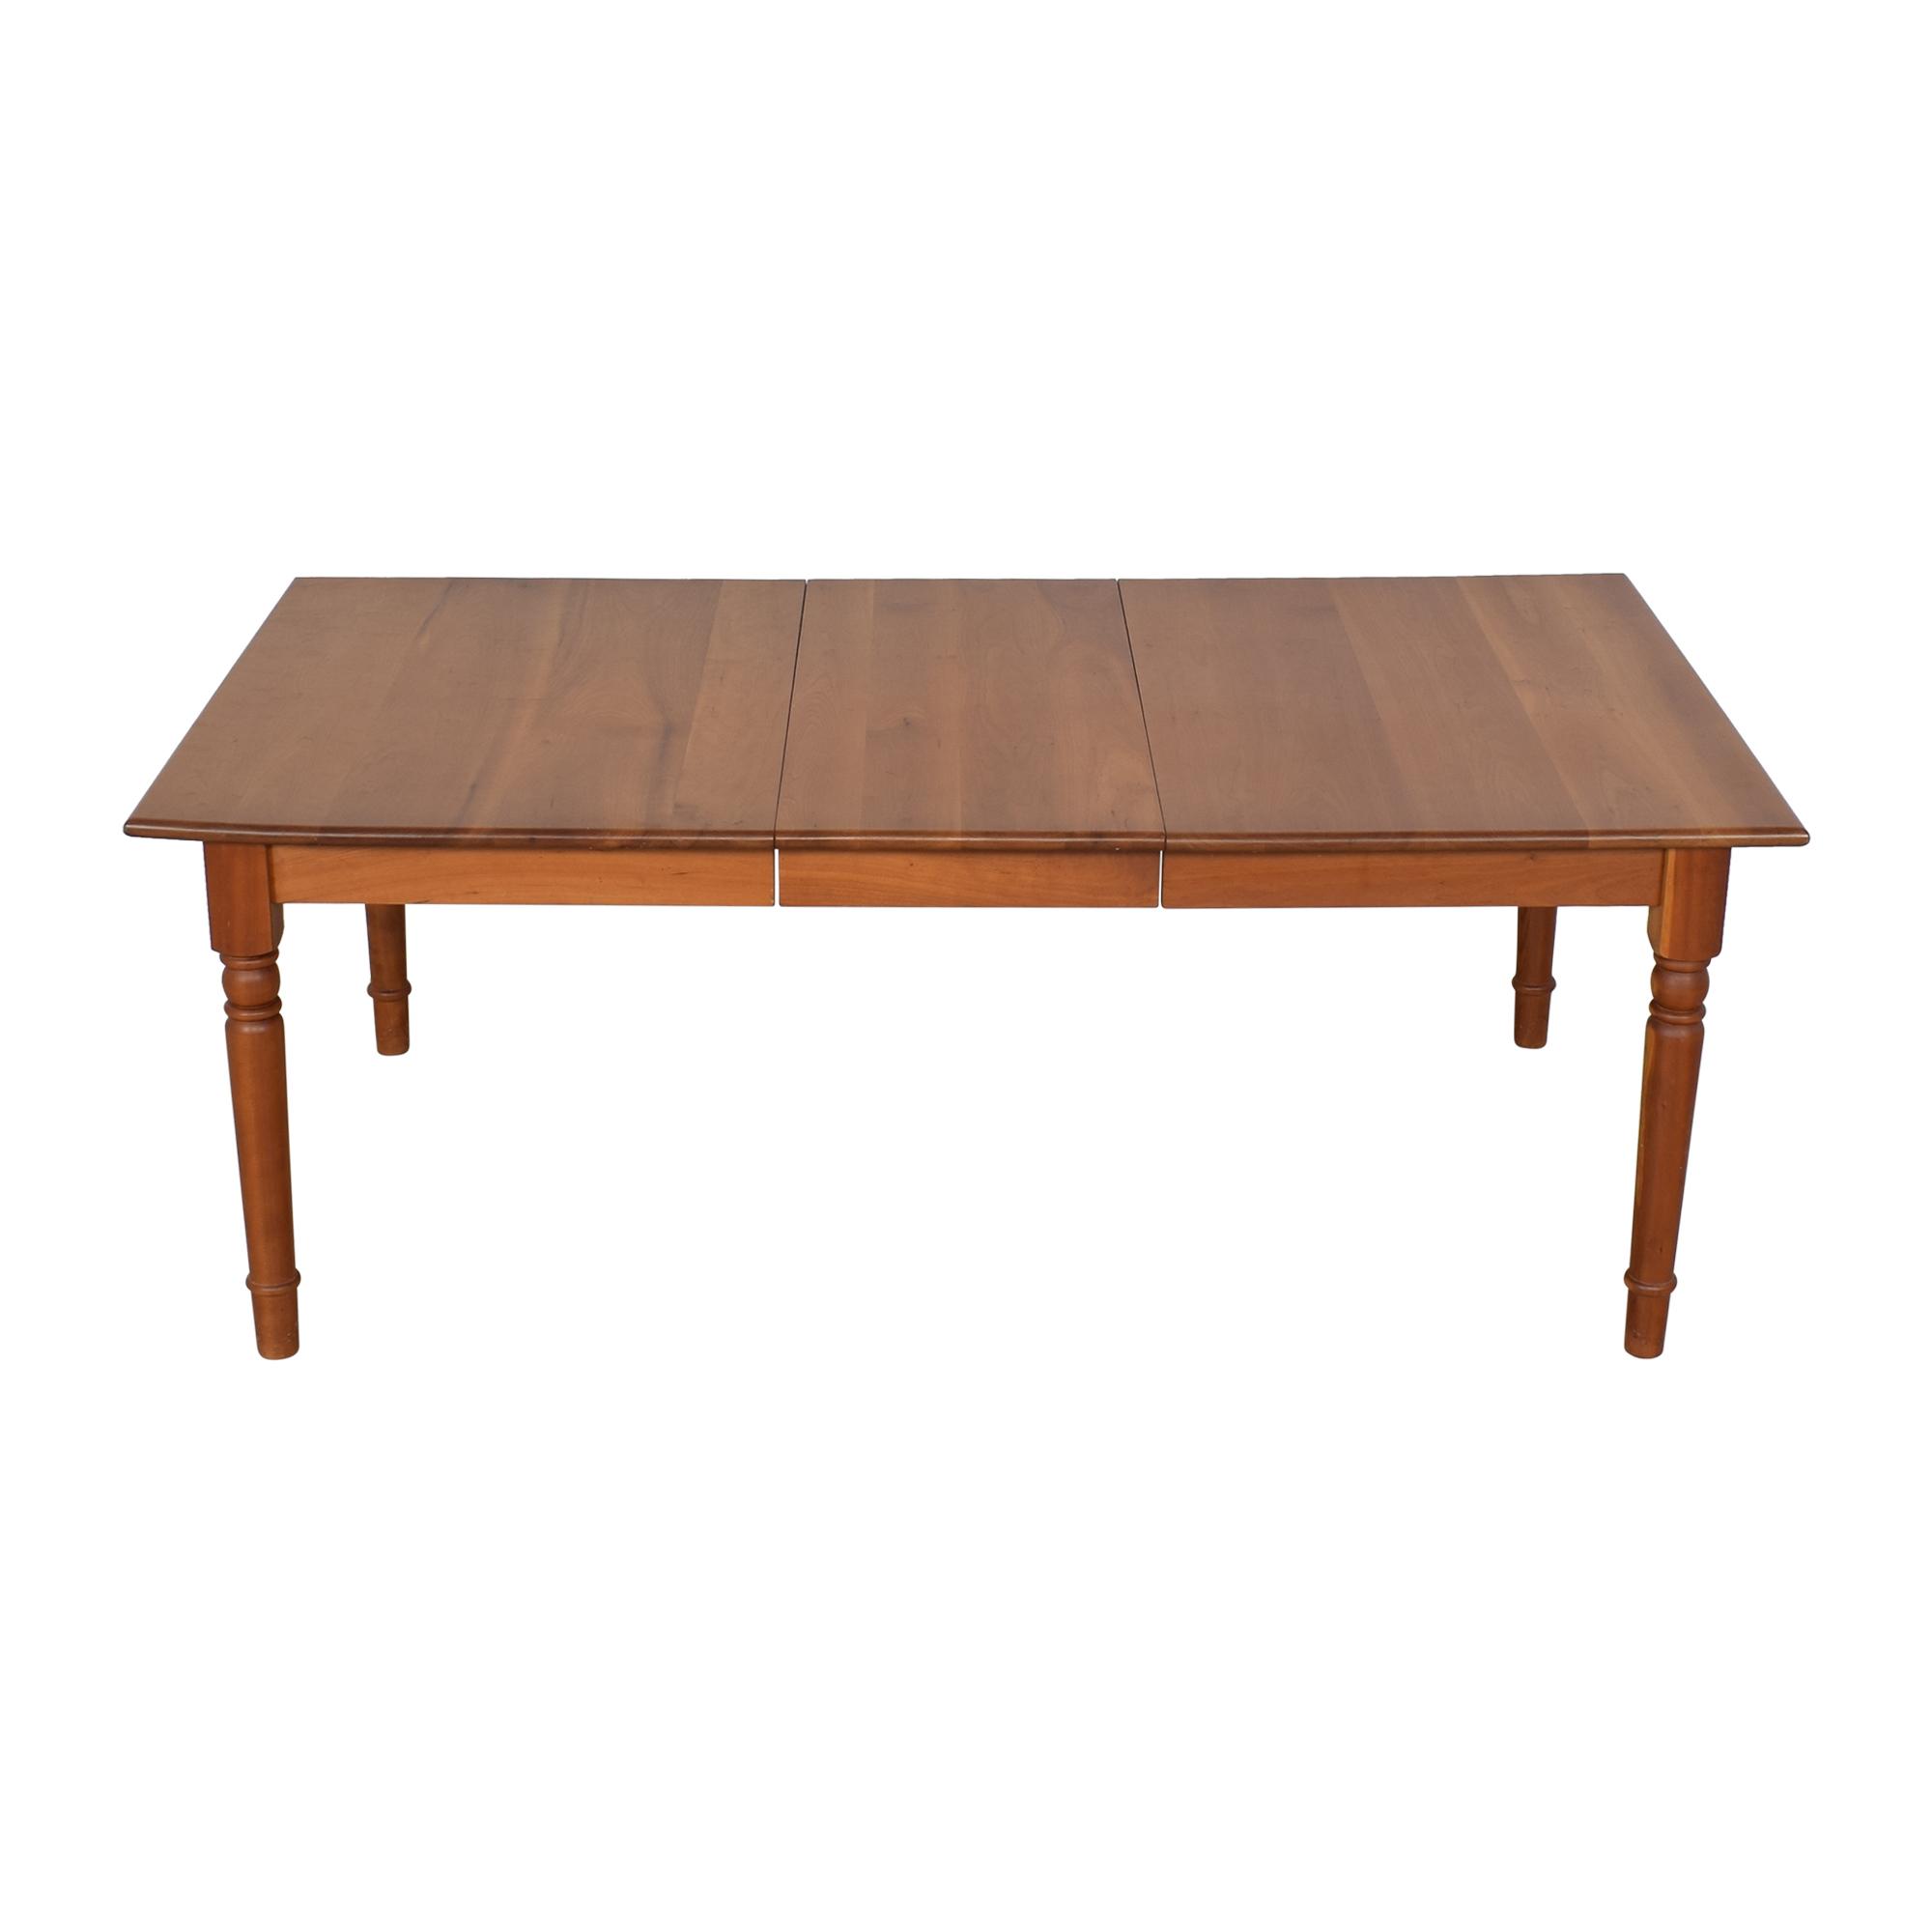 buy Asher Benjamin Studio Extended Dining Table Asher Benjamin Studio Tables